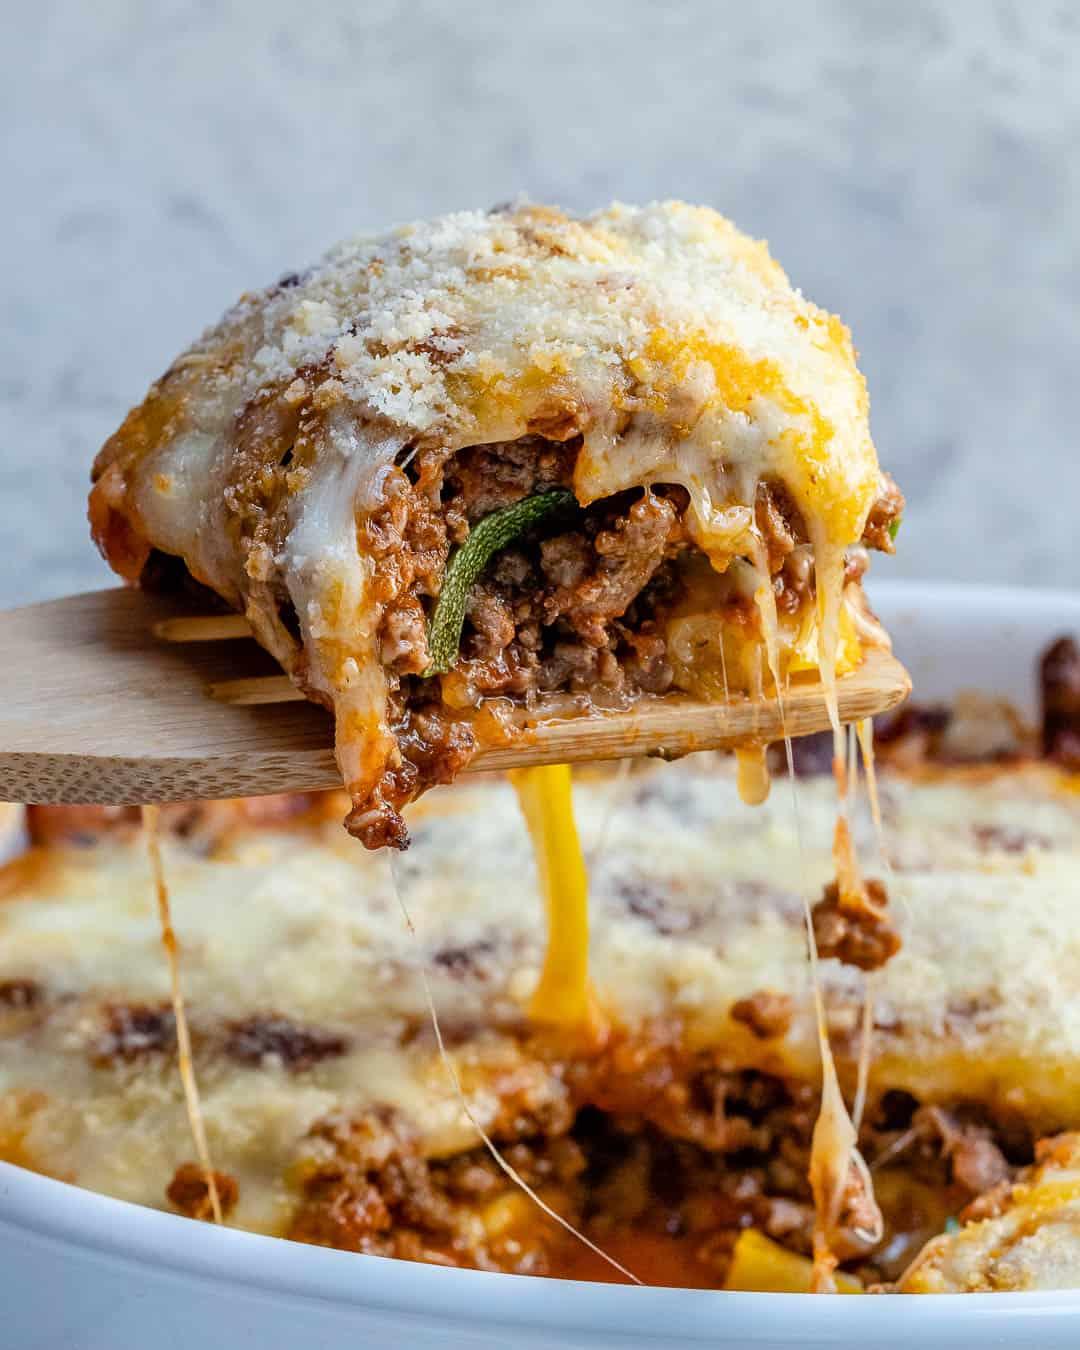 Zucchini lasagna casserole